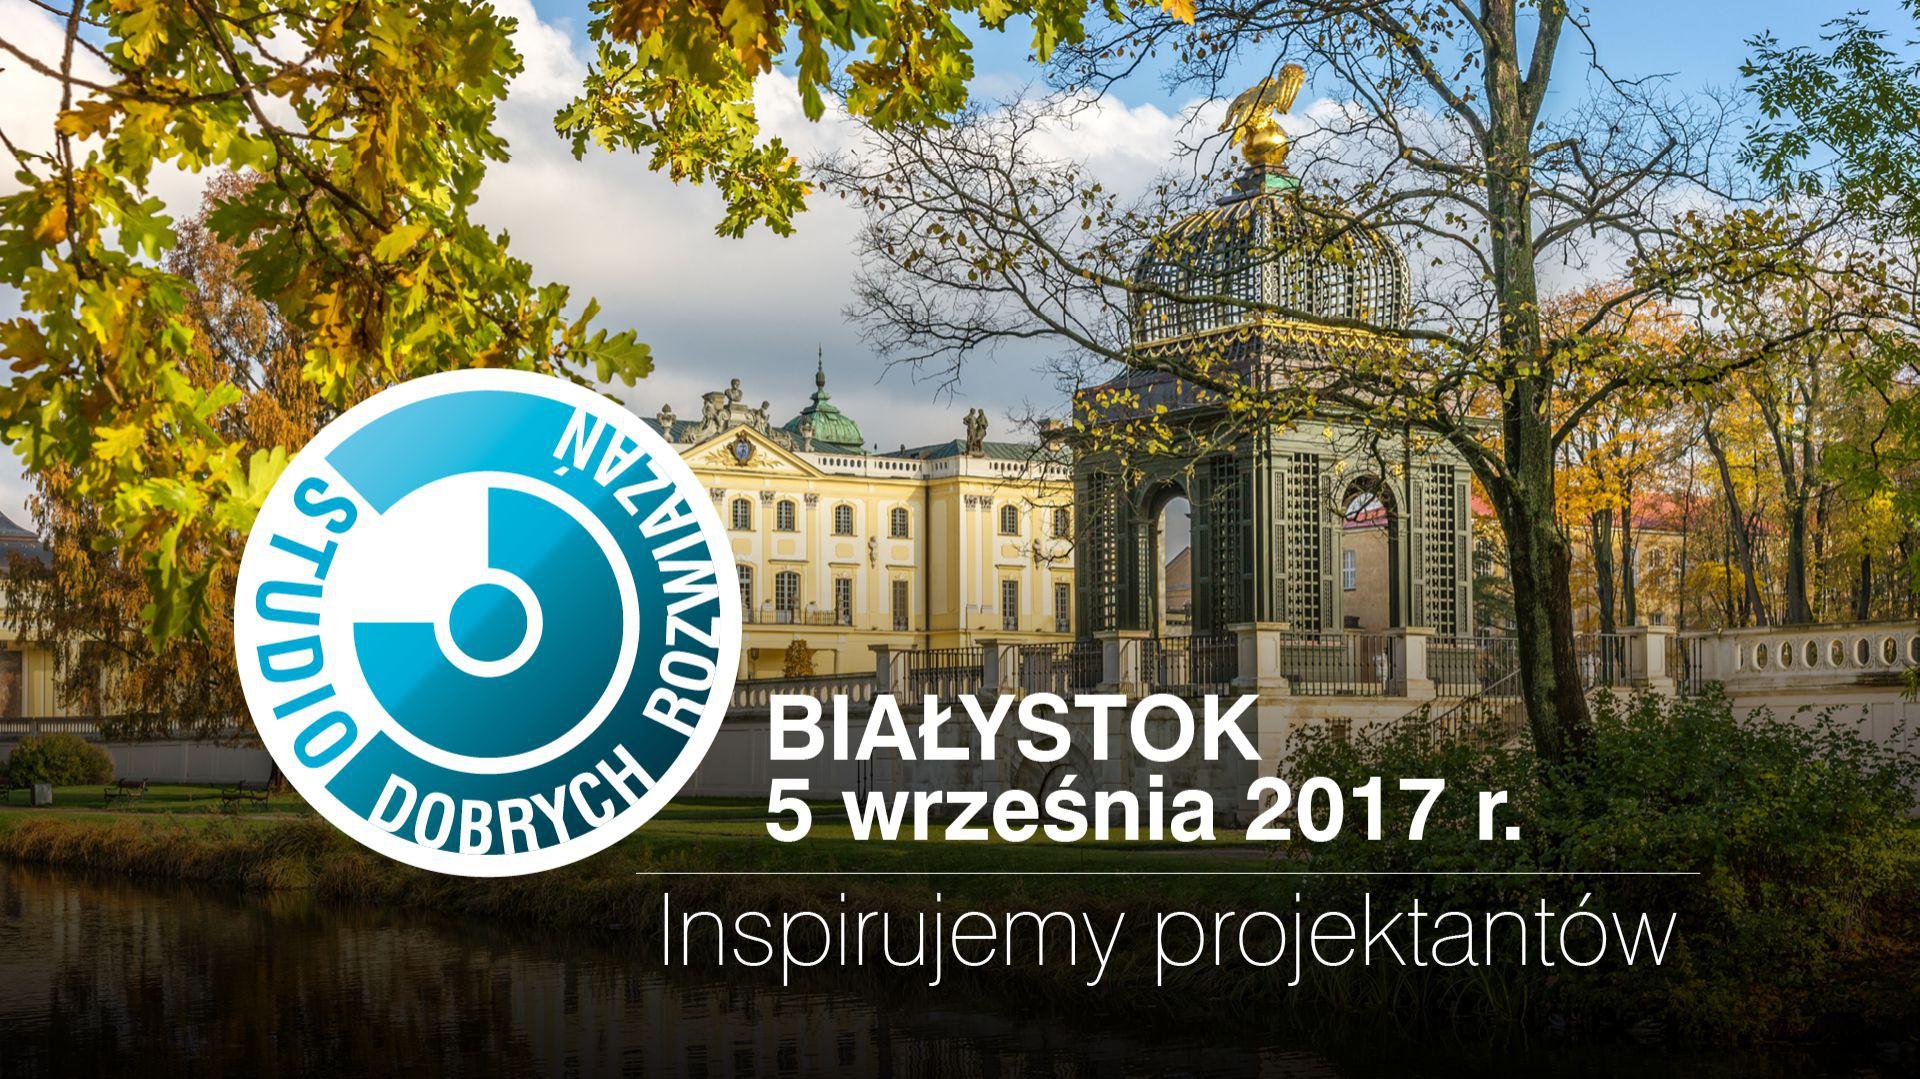 Najbliższe Studio Dobrych rozwiązań odbędzie się 5 września br. w Białymstoku.